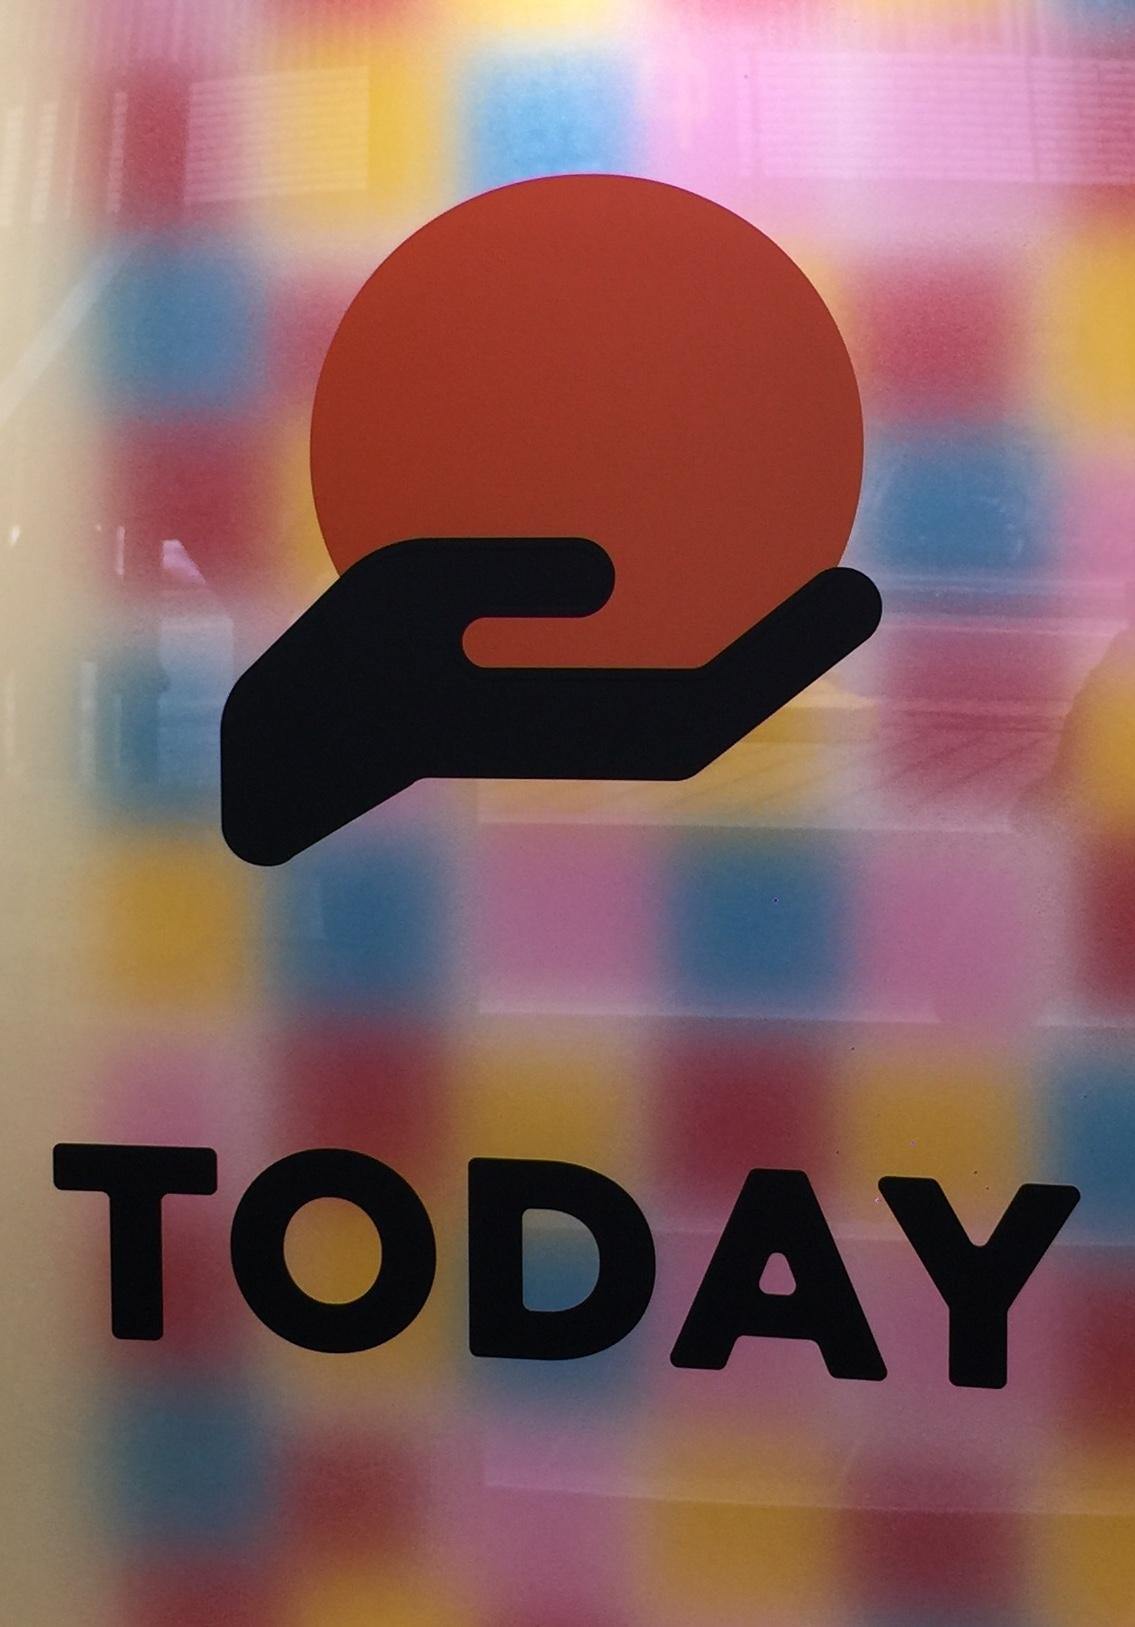 就労移行支援事業所 TODAY三鷹のロゴ